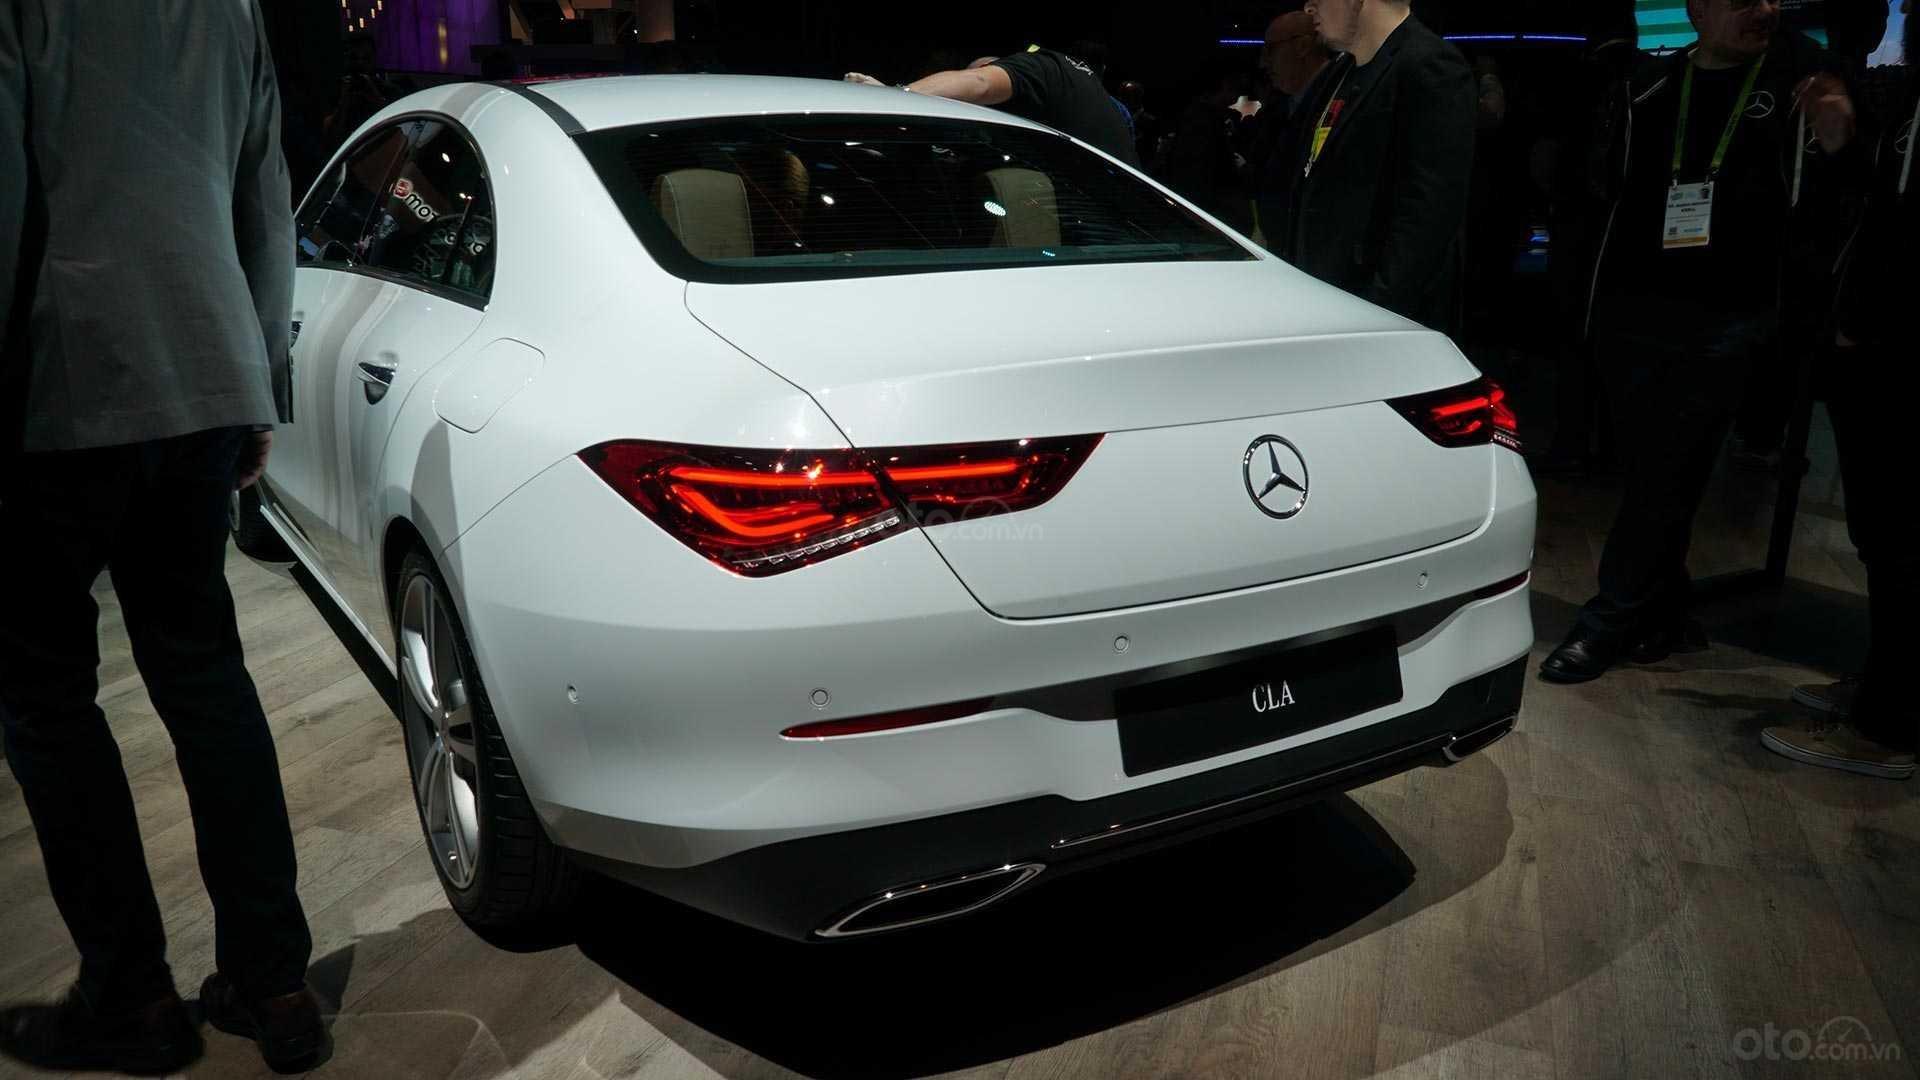 Đánh giá xe Mercedes-Benz CLA-Class 2020 - Bóng đèn LED